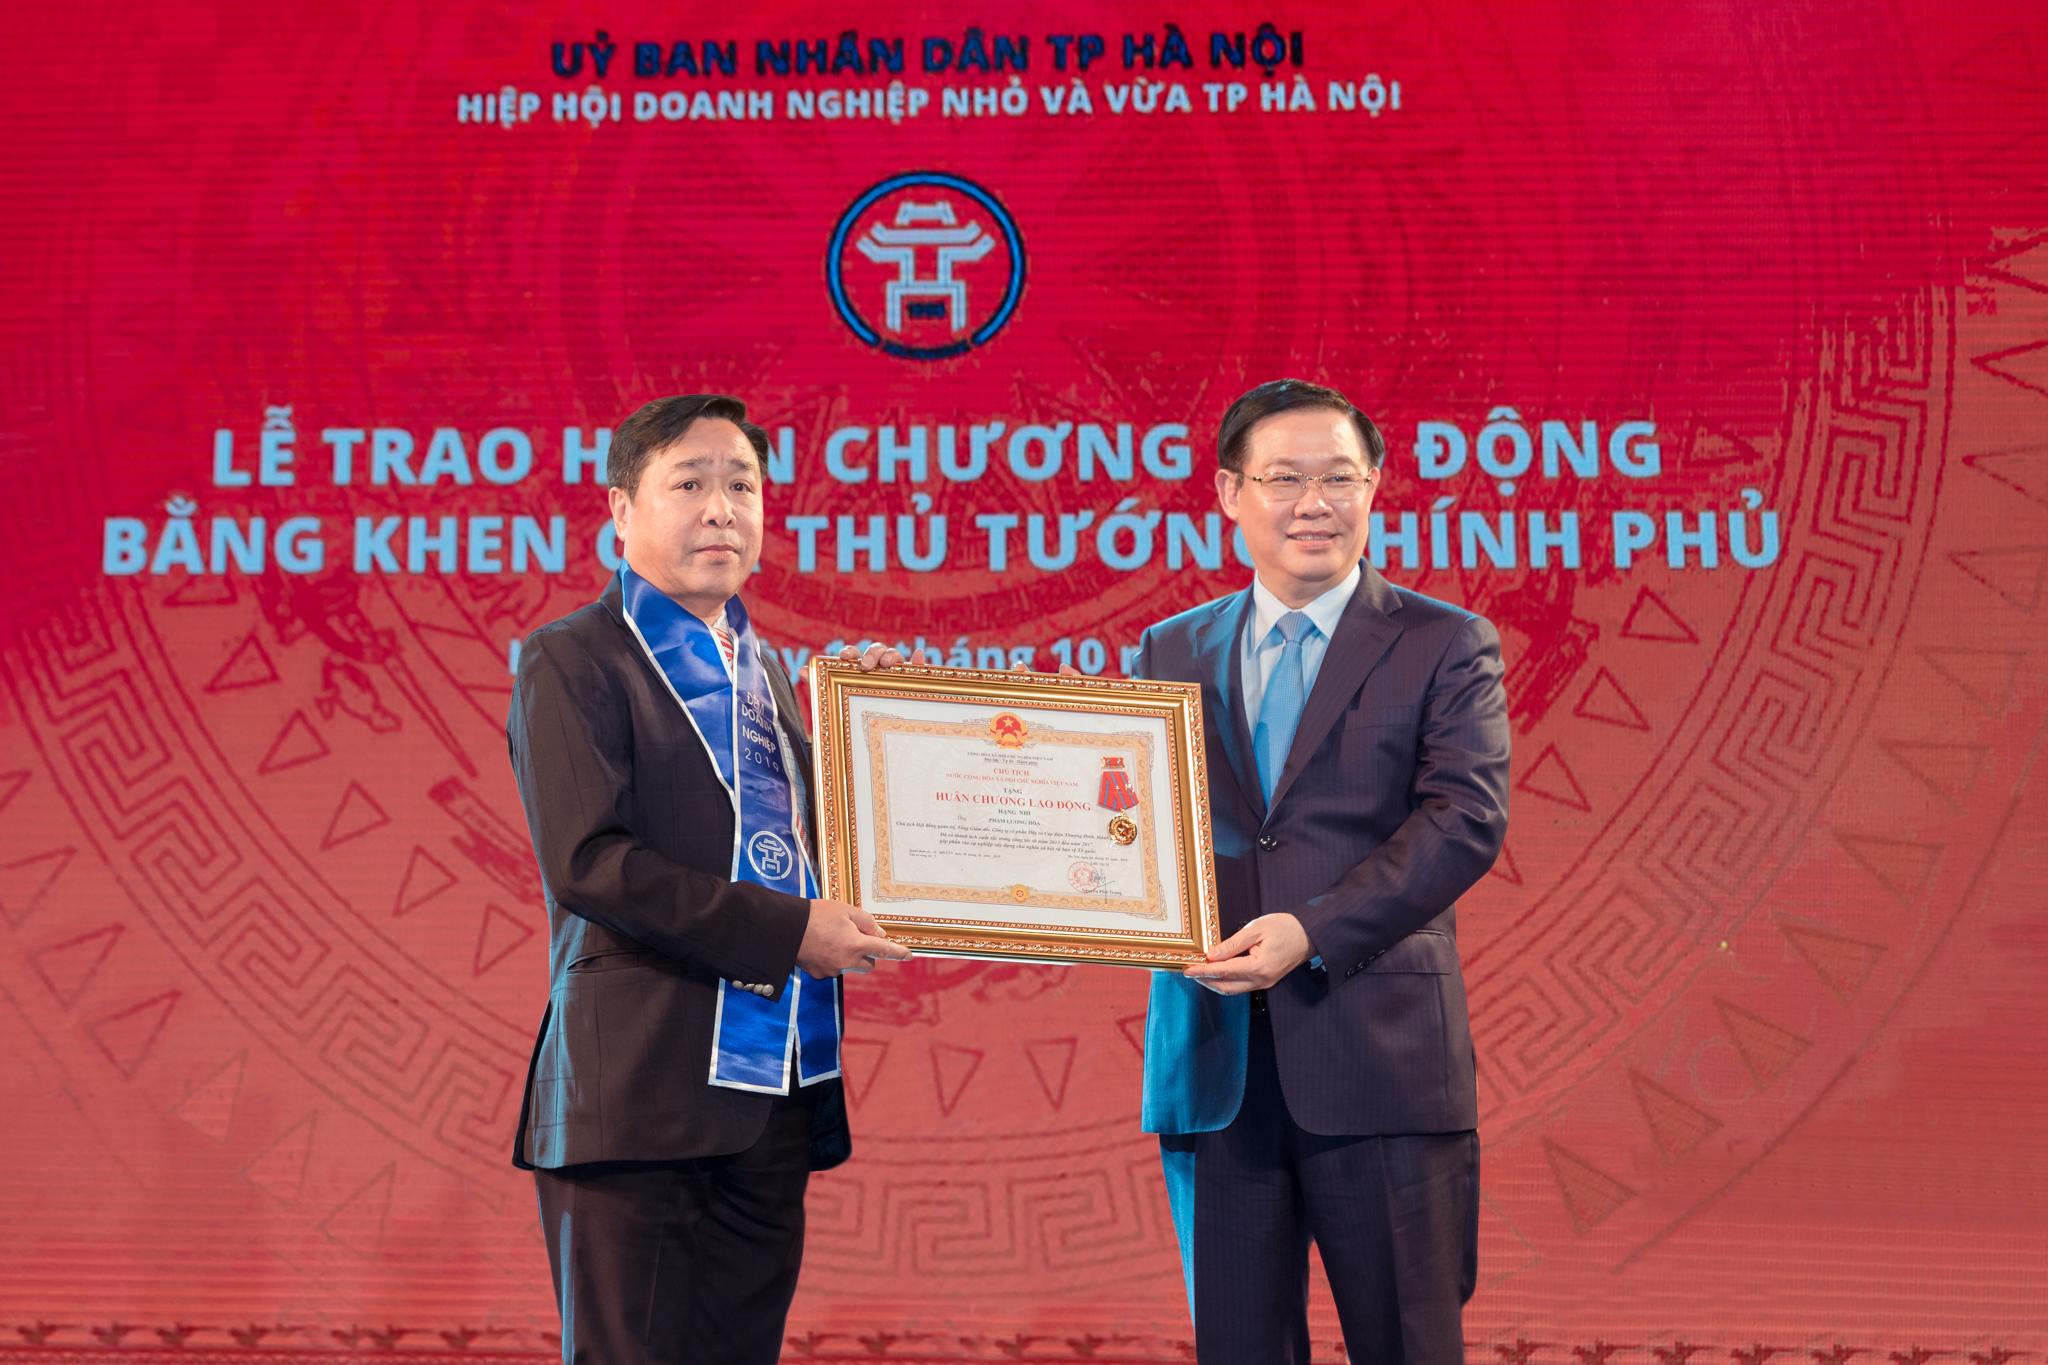 Doanh nhân Phạm Lương Hòa – CTHĐQT/Tổng giám đốc CADI-SUN vinh dự đón nhận Huân chương Lao động hạng Nhì của Chủ tịch nước